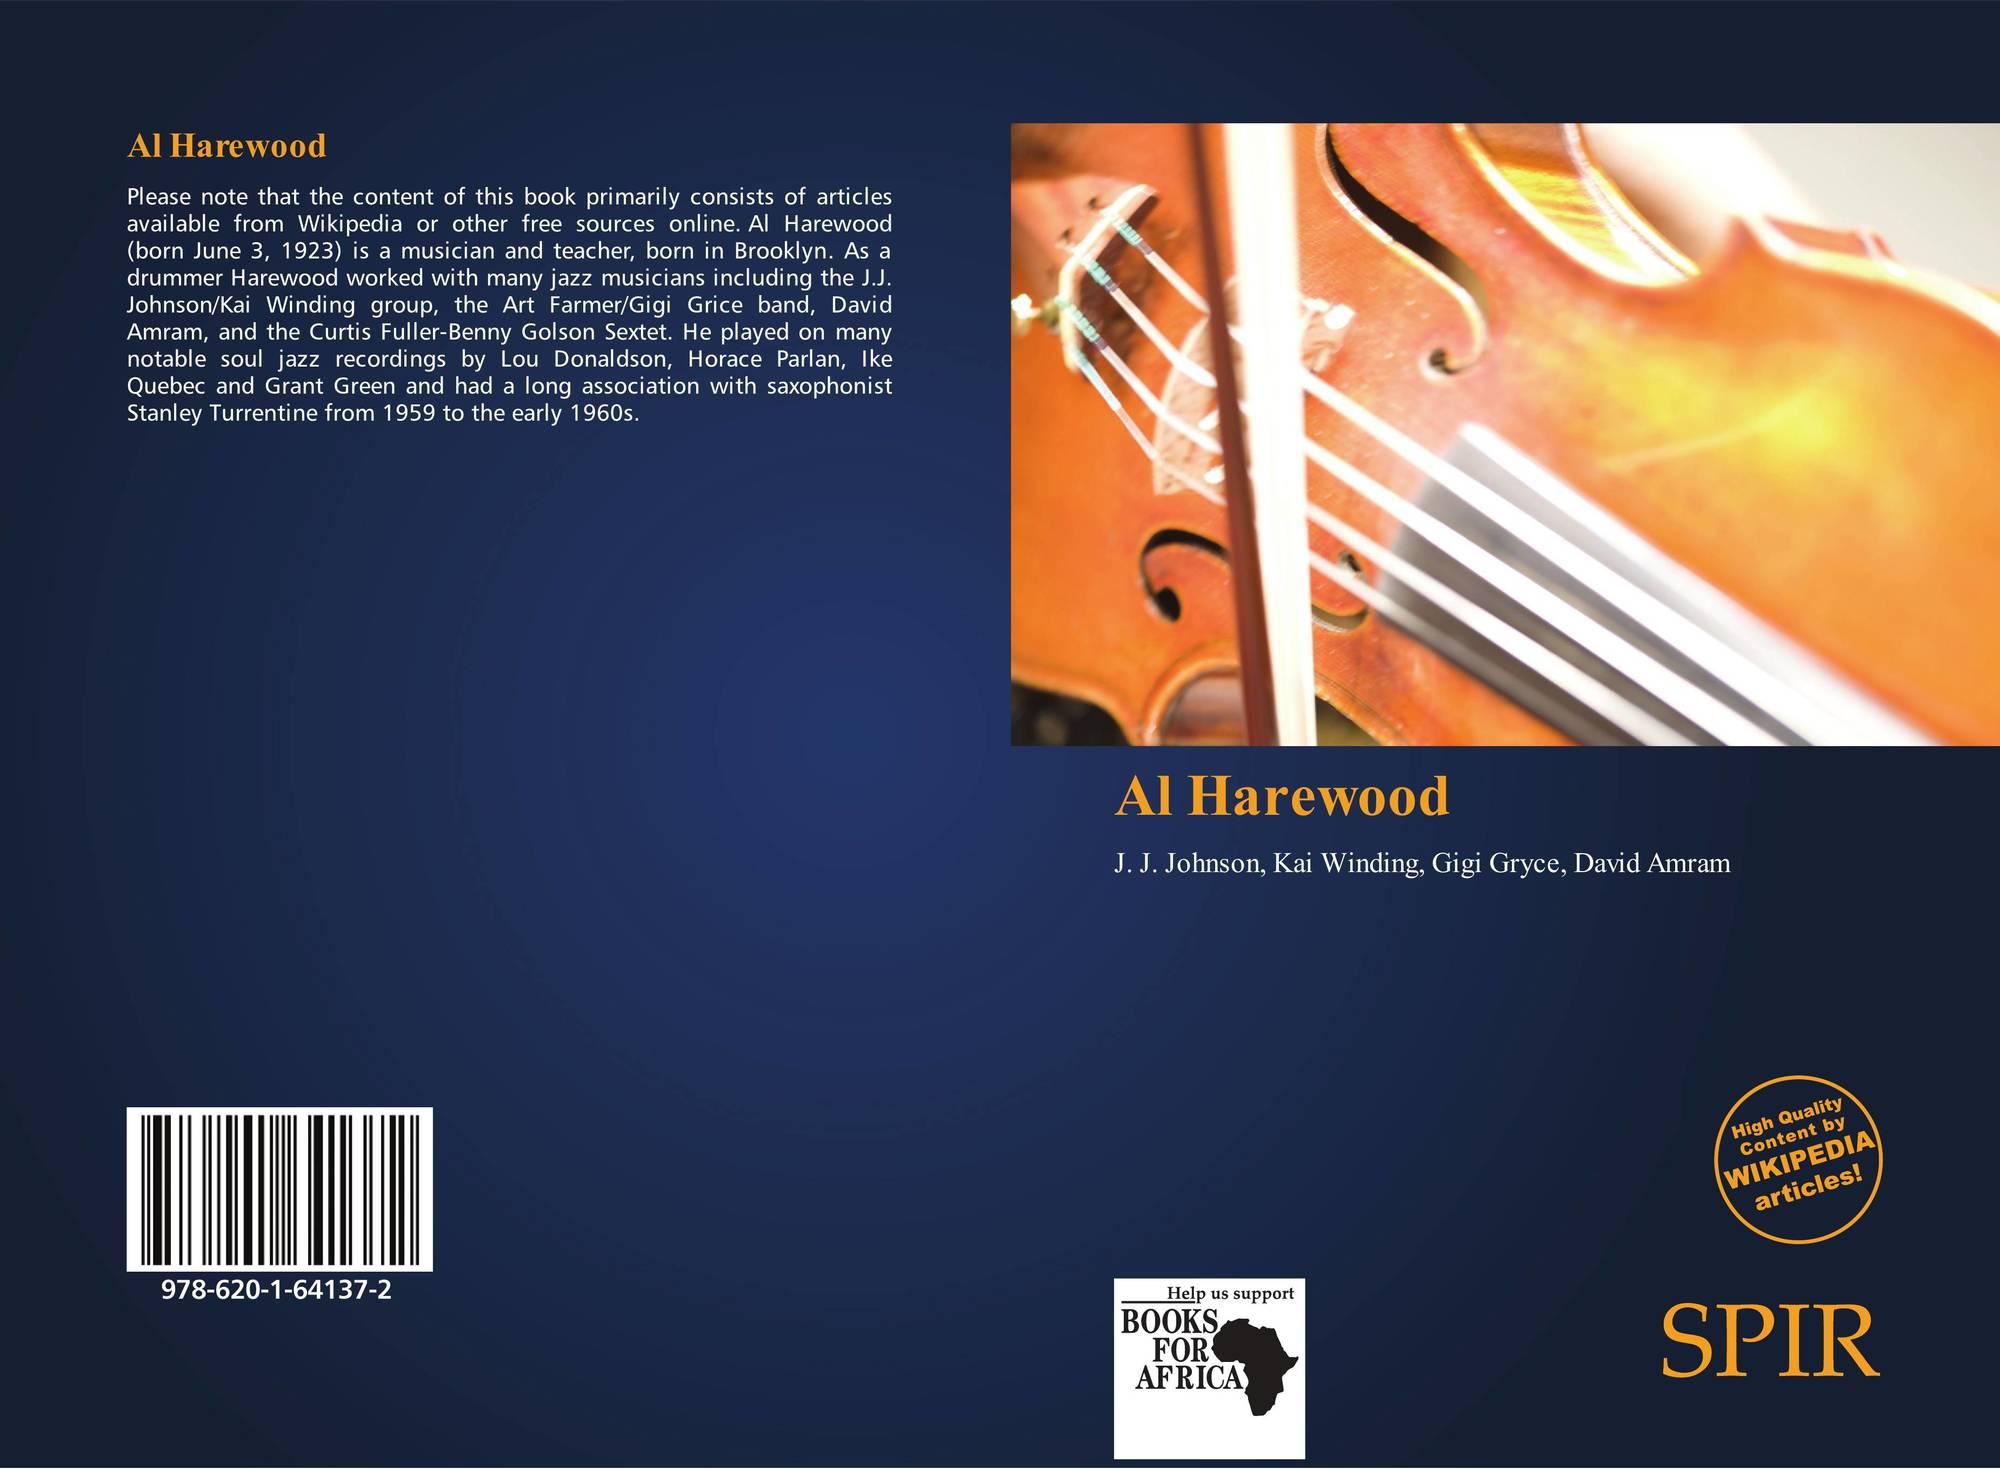 Al Harewood 978 620 1 64137 2 6201641378 9786201641372